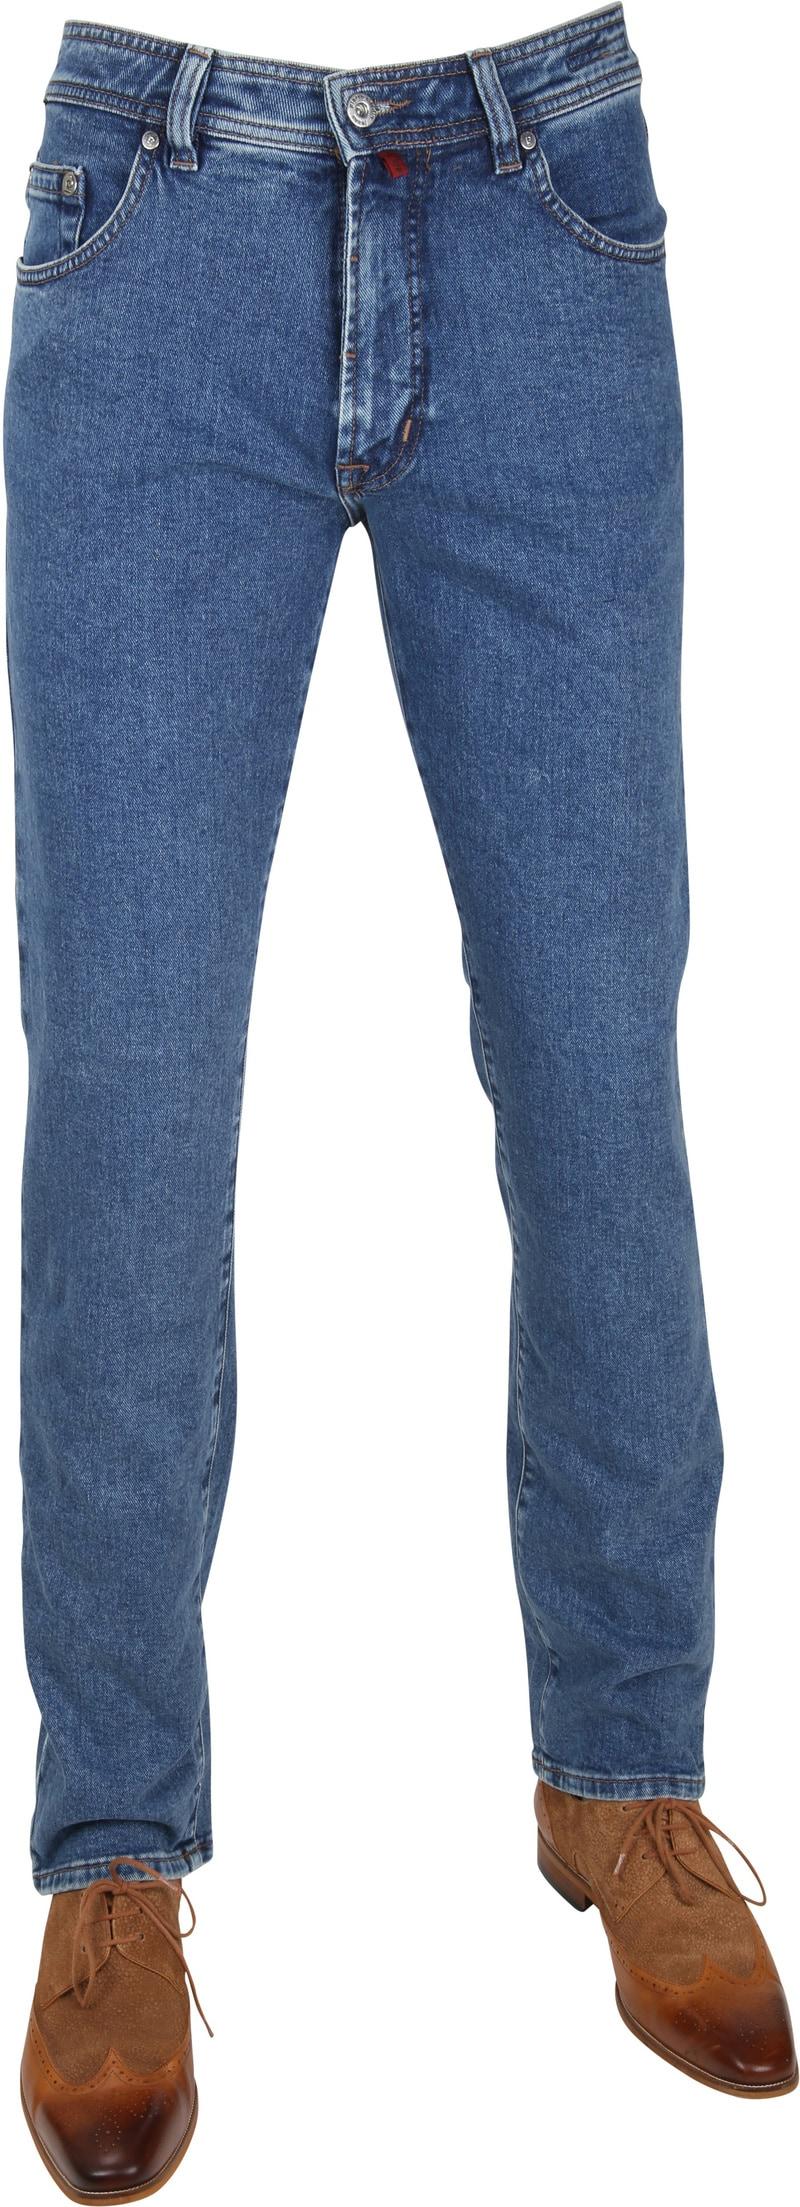 Pierre Cardin Jeans Dijon Blau Foto 0